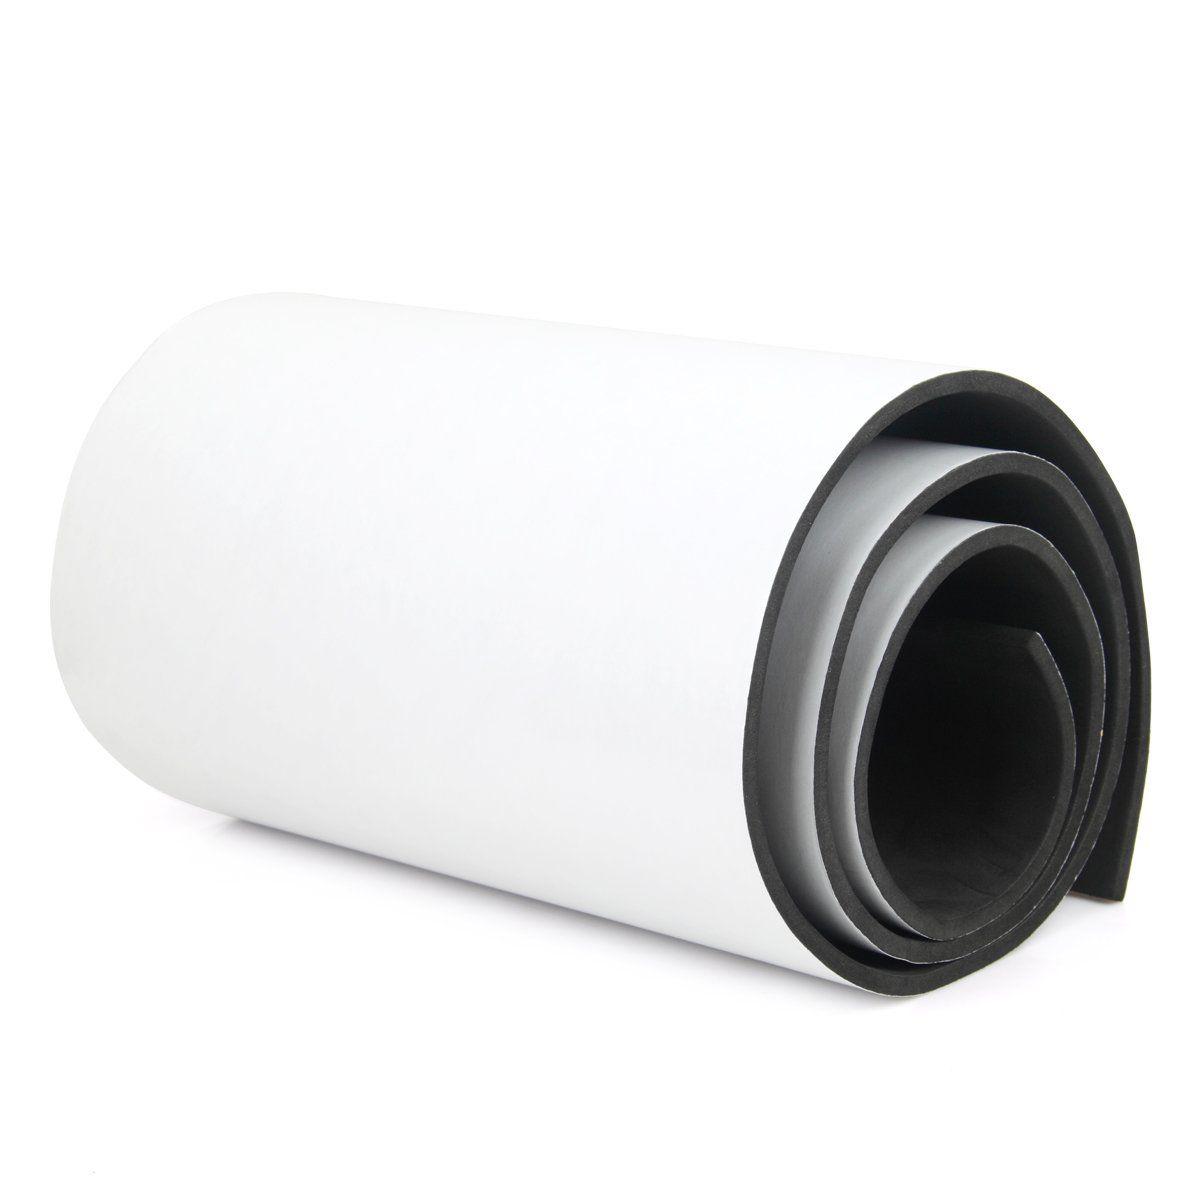 Auspa Neoprene Sponge Foam Rubber Sheet Foam Rubber Sheet Sponge Rubber